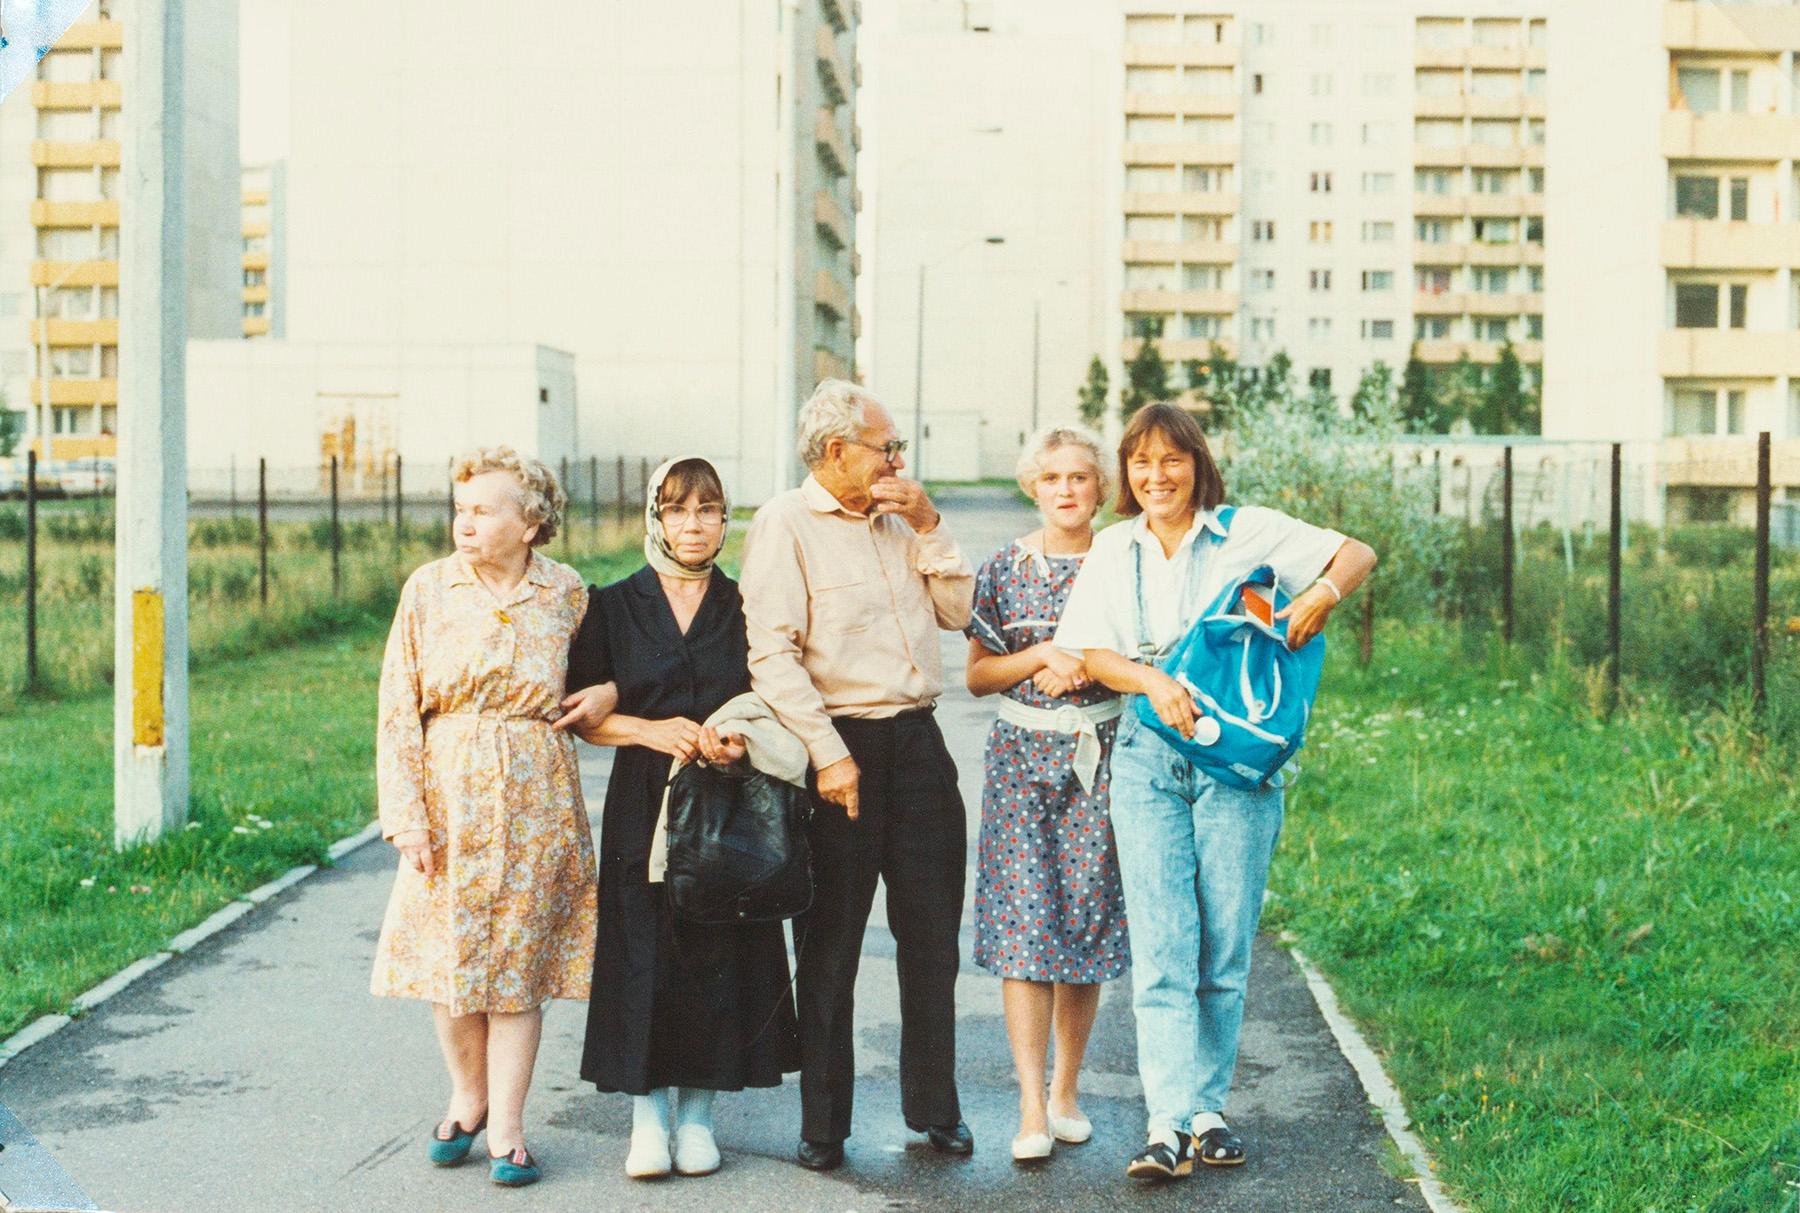 Kuvassa Suomeen asettunut Nina Excell (o.s. Rikkinen, toinen vasemmalla), tyttärensä kanssa (oikealla) tapaamassa Neuvostoliiton puolelle jääneitä sisaruksiaan ja veljenlastaan Tallinnassa vuonna 1988. SKS KIA, Rikkinen-suvun arkisto. CC BY 4.0